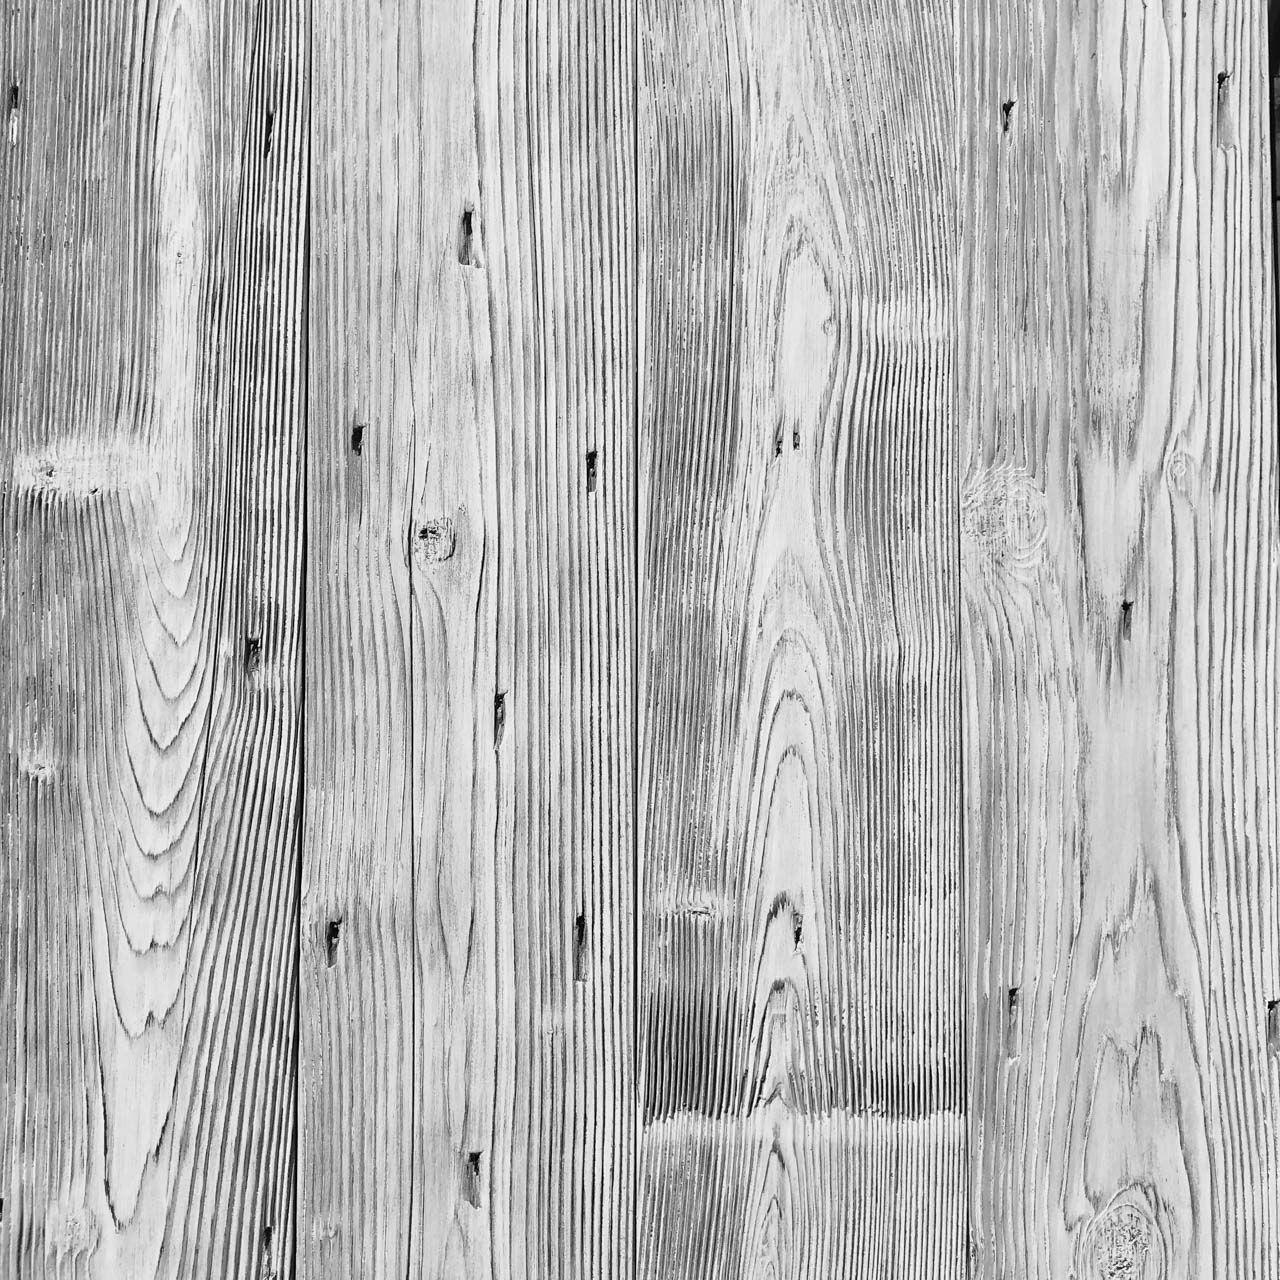 Titanium White Exterior Cedar Siding Cedar Siding Vinyl Exterior Siding Wood Siding Exterior